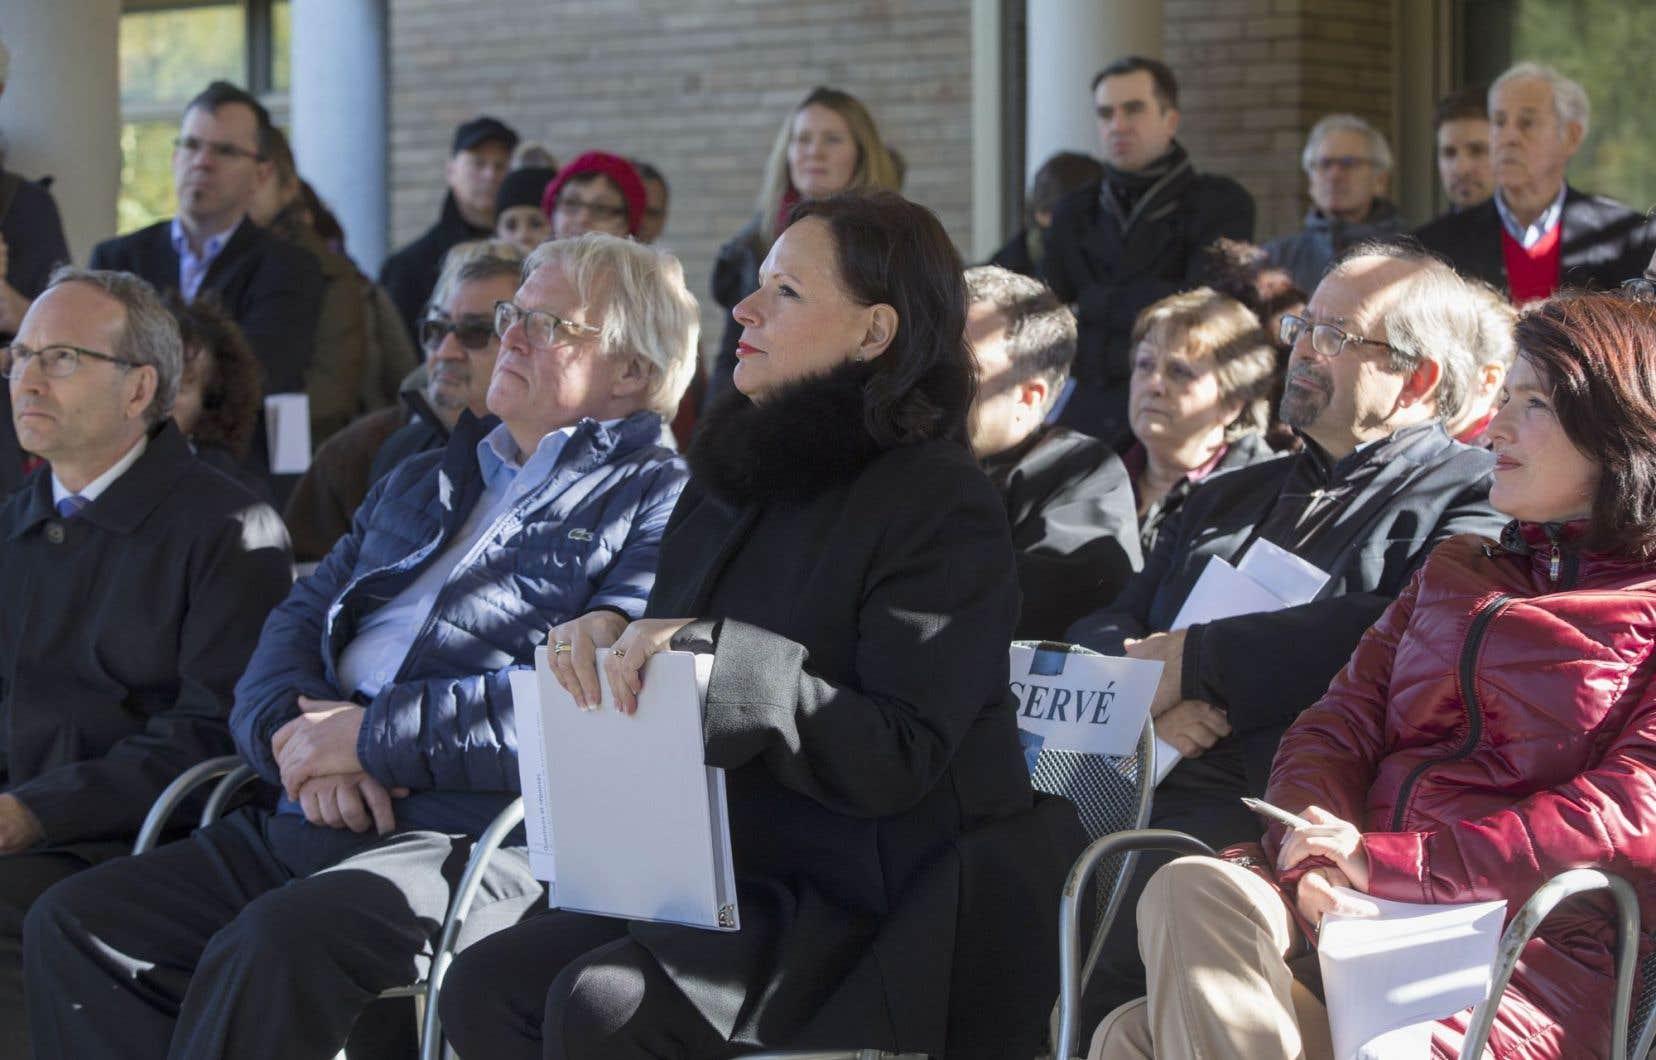 Le 23octobre dernier au parc Lafontaine, à Montréal, la ministre déléguée à la Santé publique et aux Saines Habitudes de vie, Lucie Charlebois, a dévoilé sa nouvelle Politique gouvernementale de prévention en santé 2015-2025.